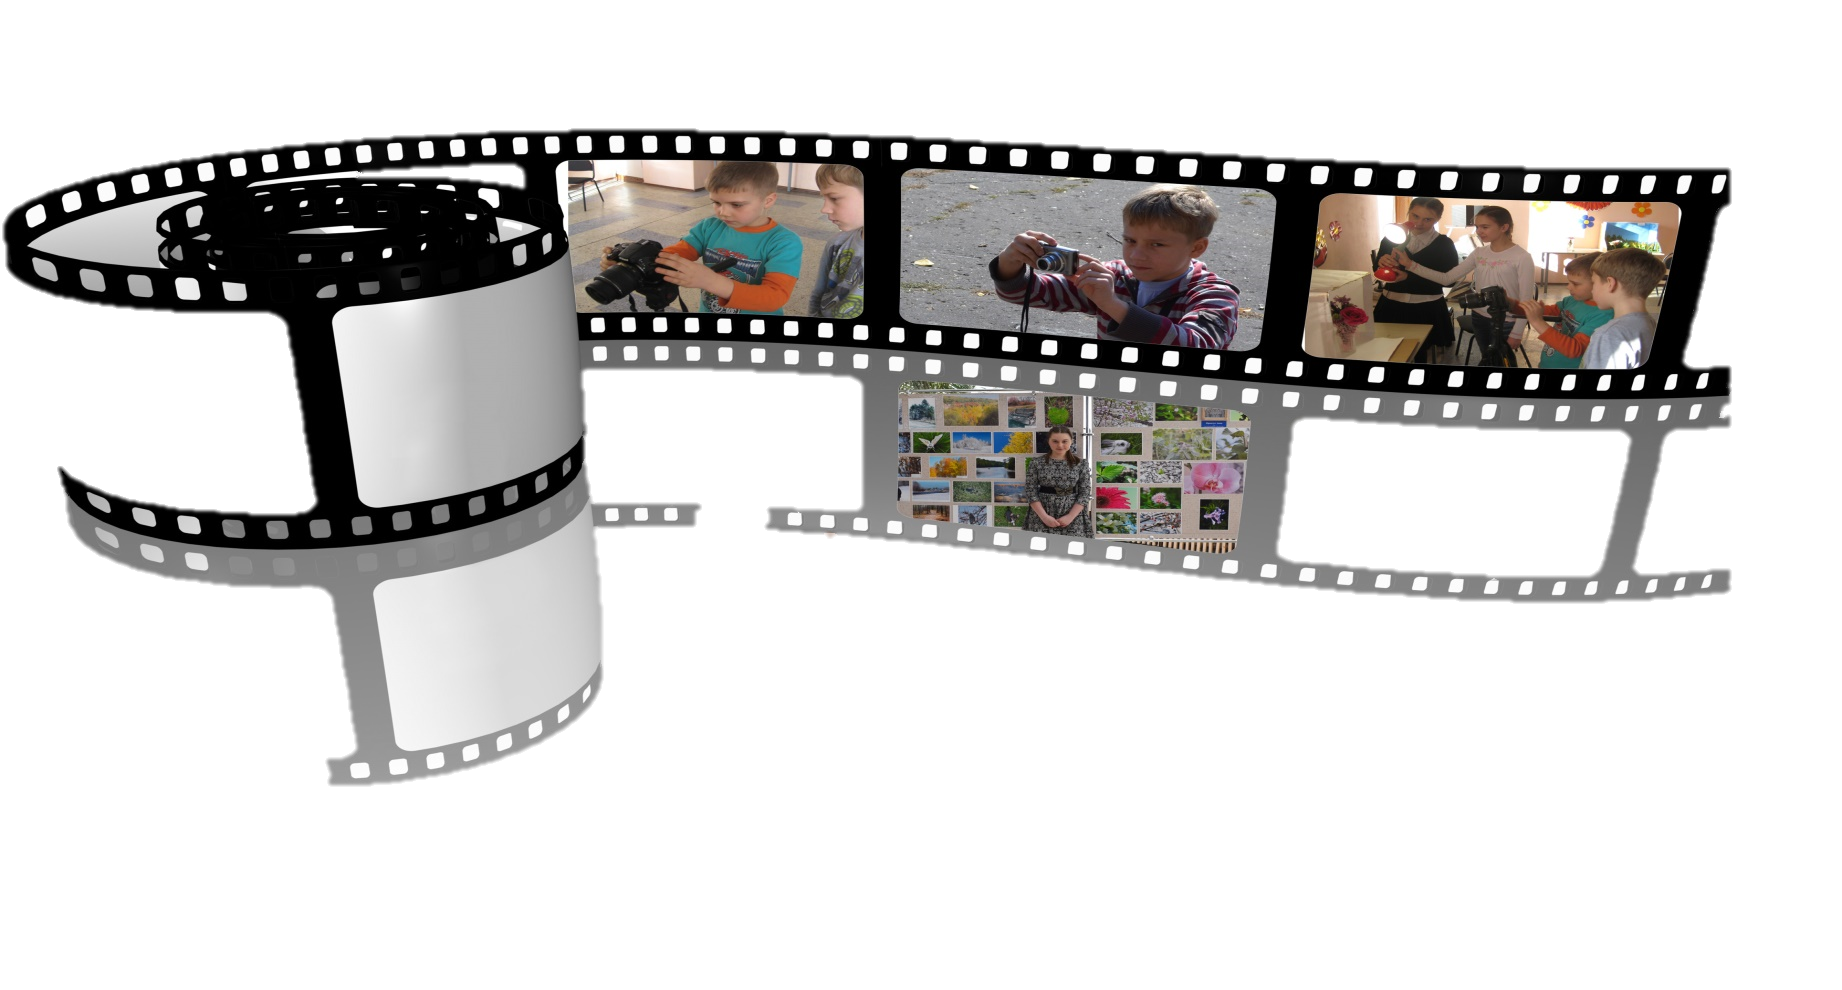 C:\Users\TopSecret\Desktop\Новая папка (4)\24-05-2015_12-32-22\Без имени-1.jpg